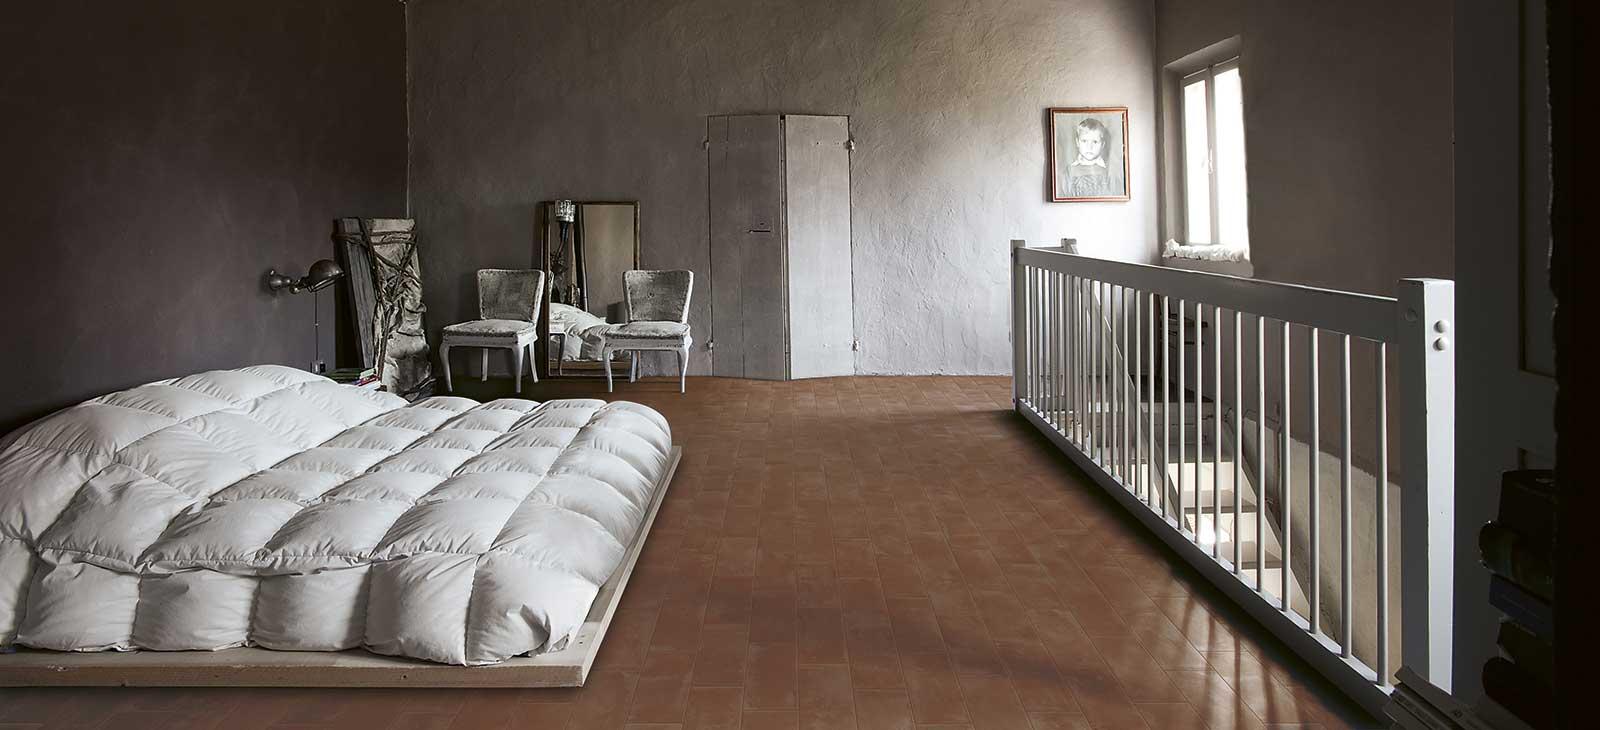 Piastrelle e pavimenti marazzi   ceramica e gres porcellanato ...